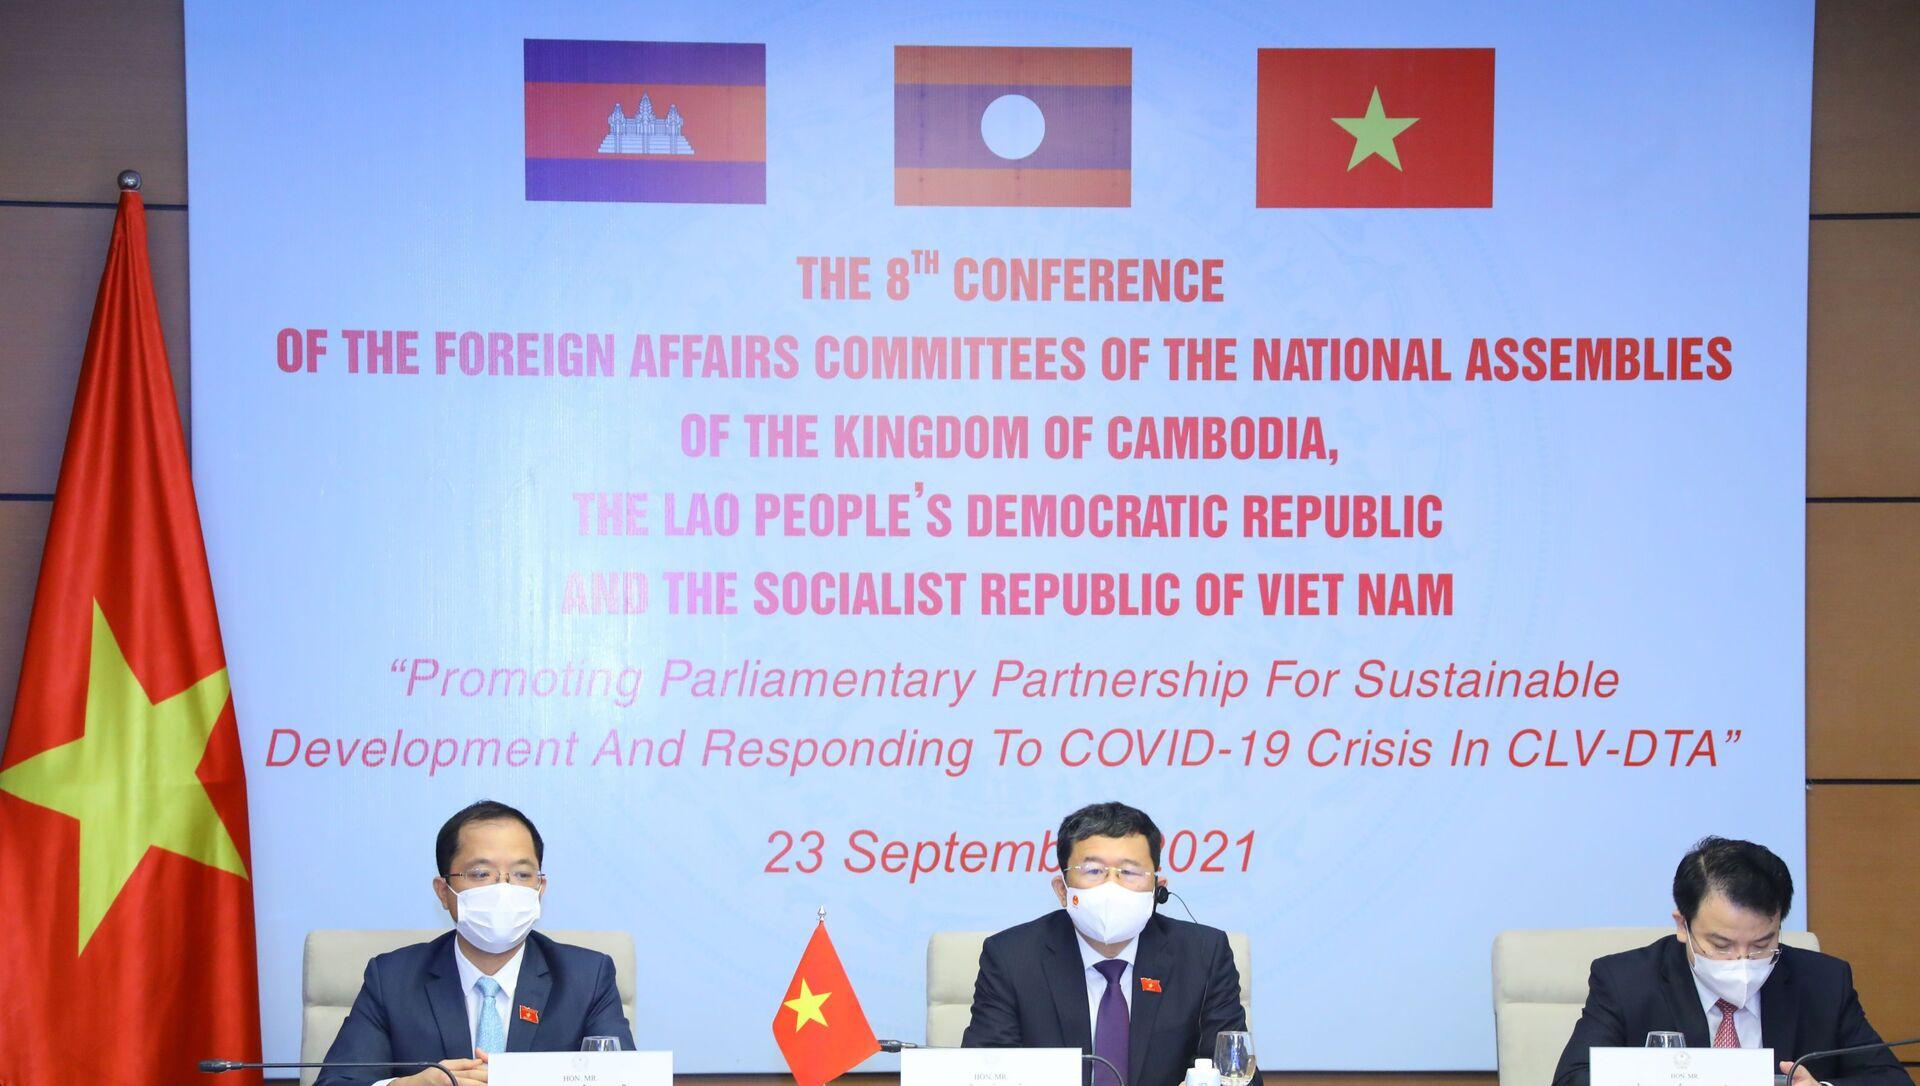 Chủ nhiệm Ủy ban Đối ngoại của Quốc hội Việt Nam Vũ Hải Hà (giữa) với các đại biểu dự tại điểm cầu Hà Nội. - Sputnik Việt Nam, 1920, 23.09.2021